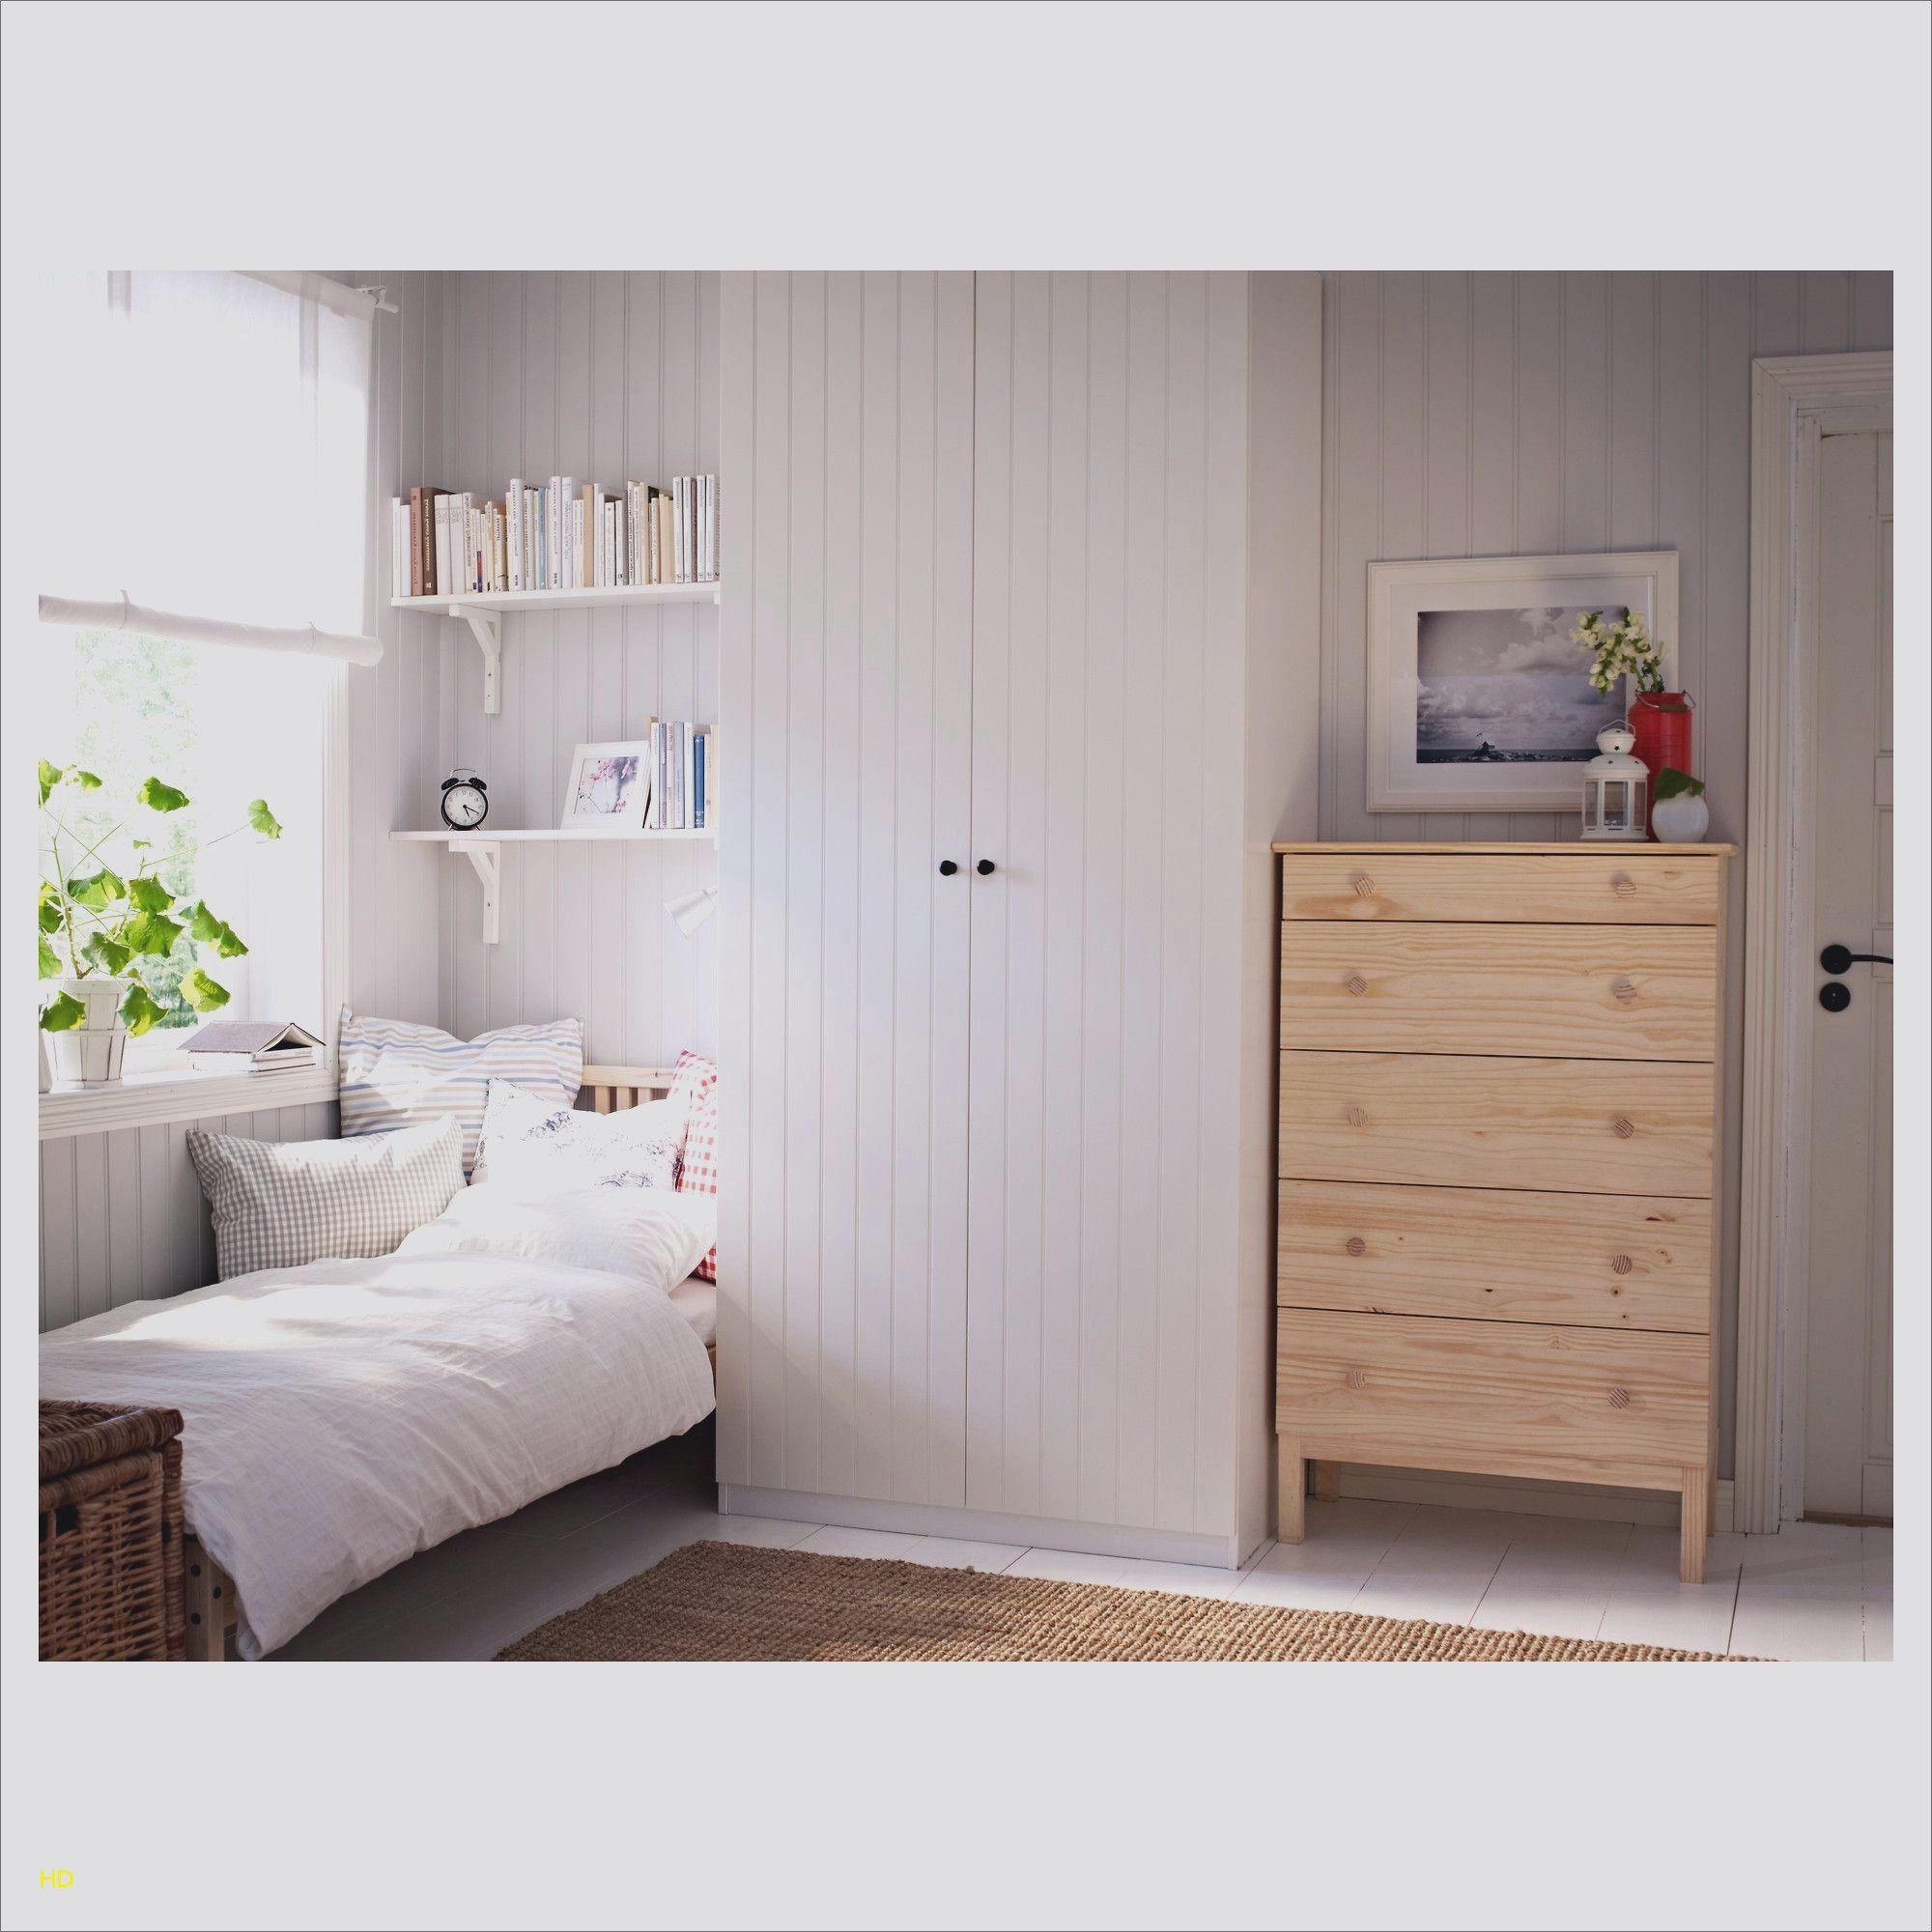 Lit 160×200 Ikea Impressionnant Beau Armoire Lit 160×200 Avec Lit Armoire 160—200 Awesome Banquette